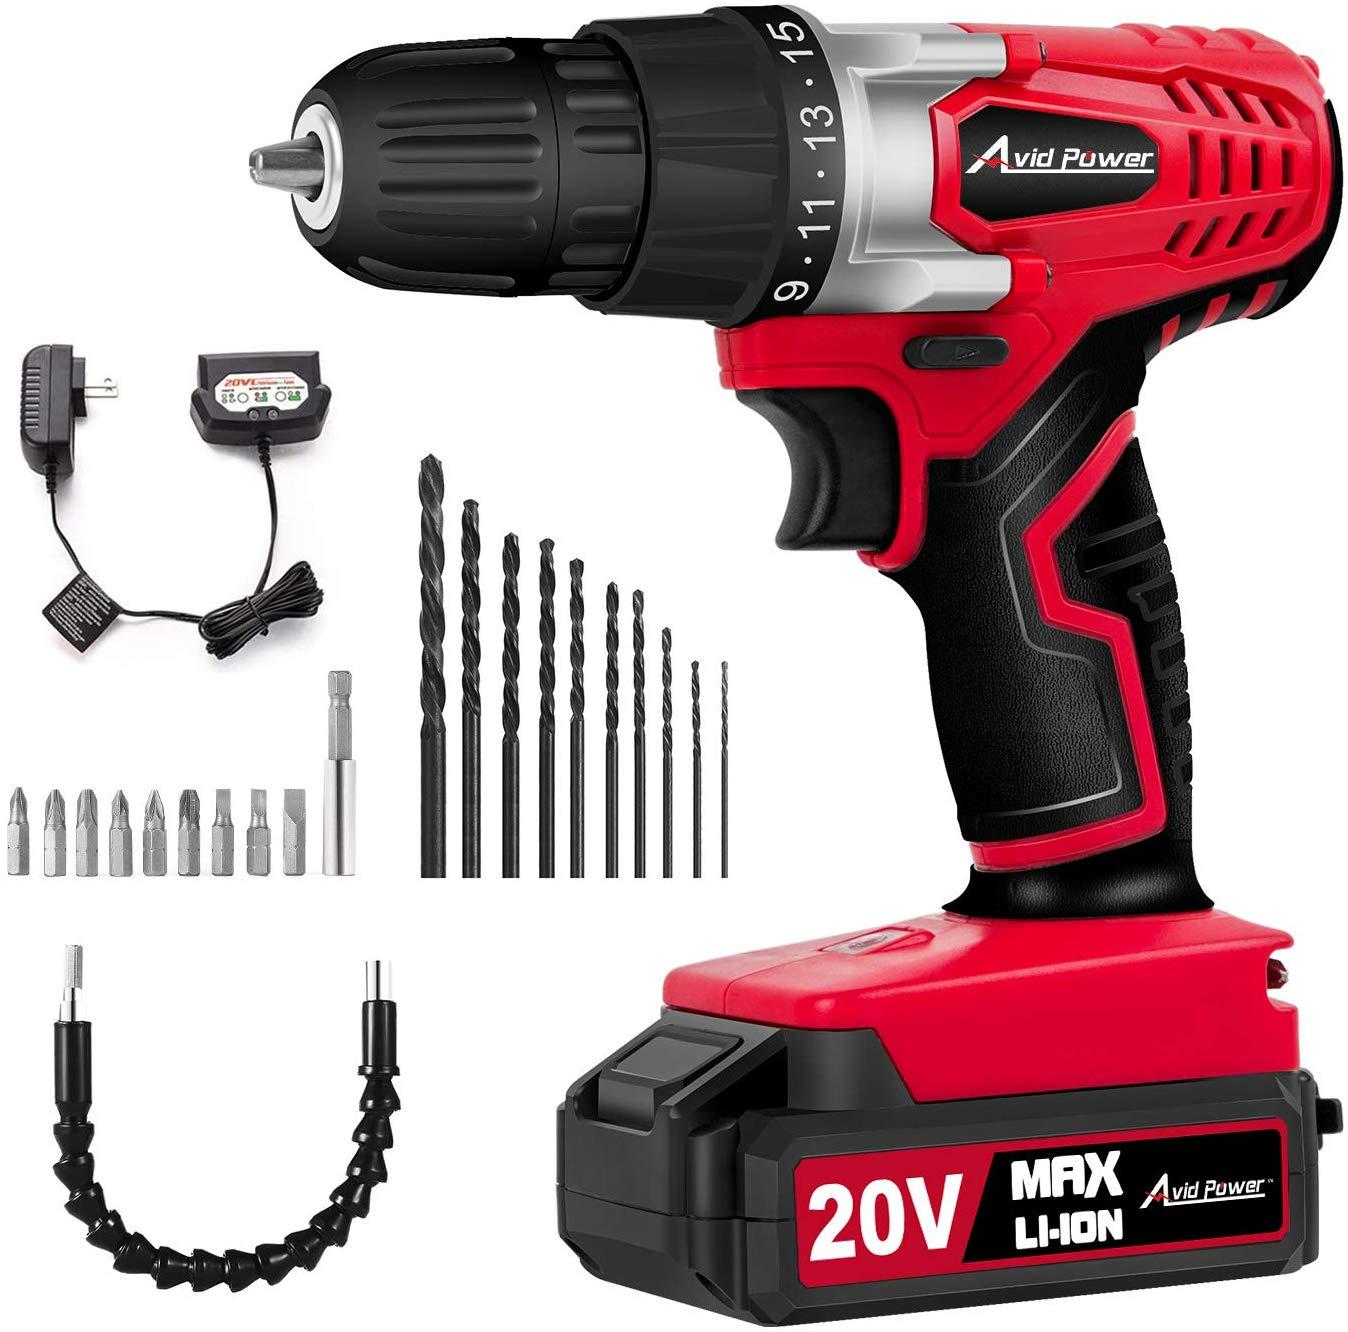 Avid Power 20V cordless drill